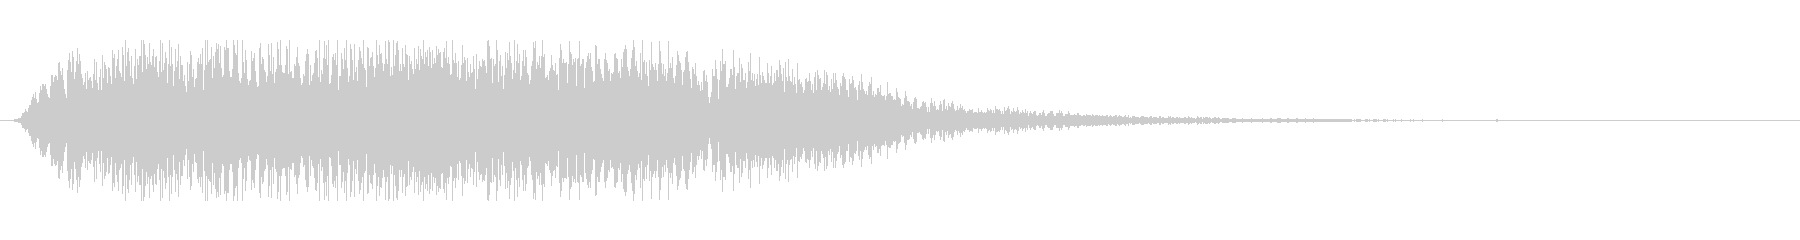 力強いタイトルアップ音の未再生の波形